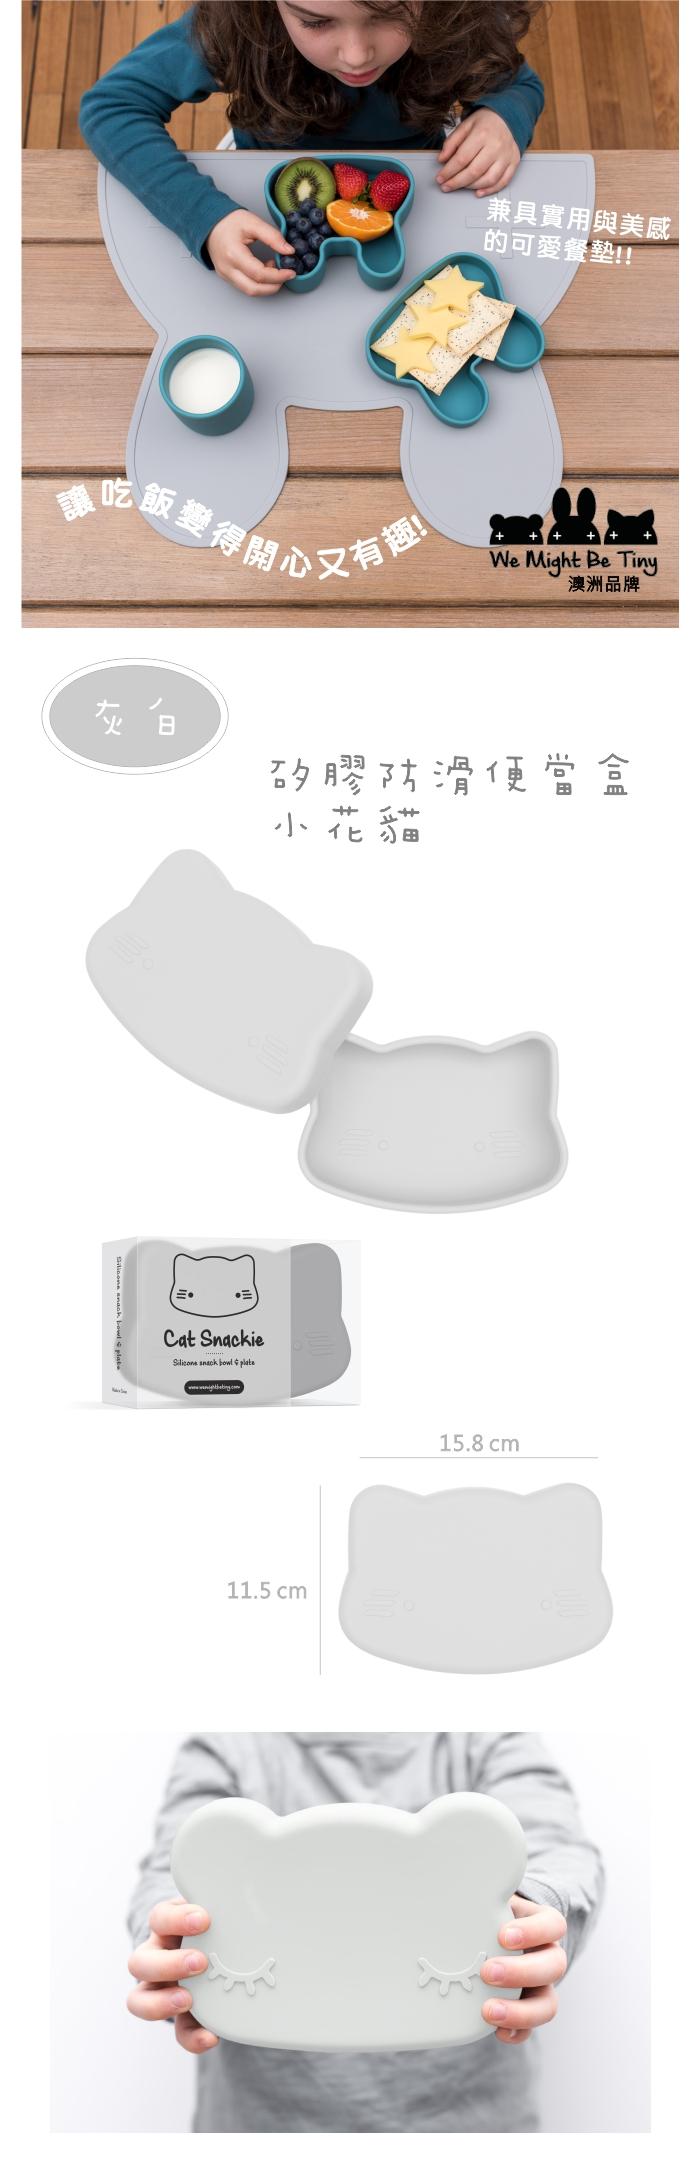 澳洲We Might Be Tiny|矽膠防滑便當盒小花貓-灰白